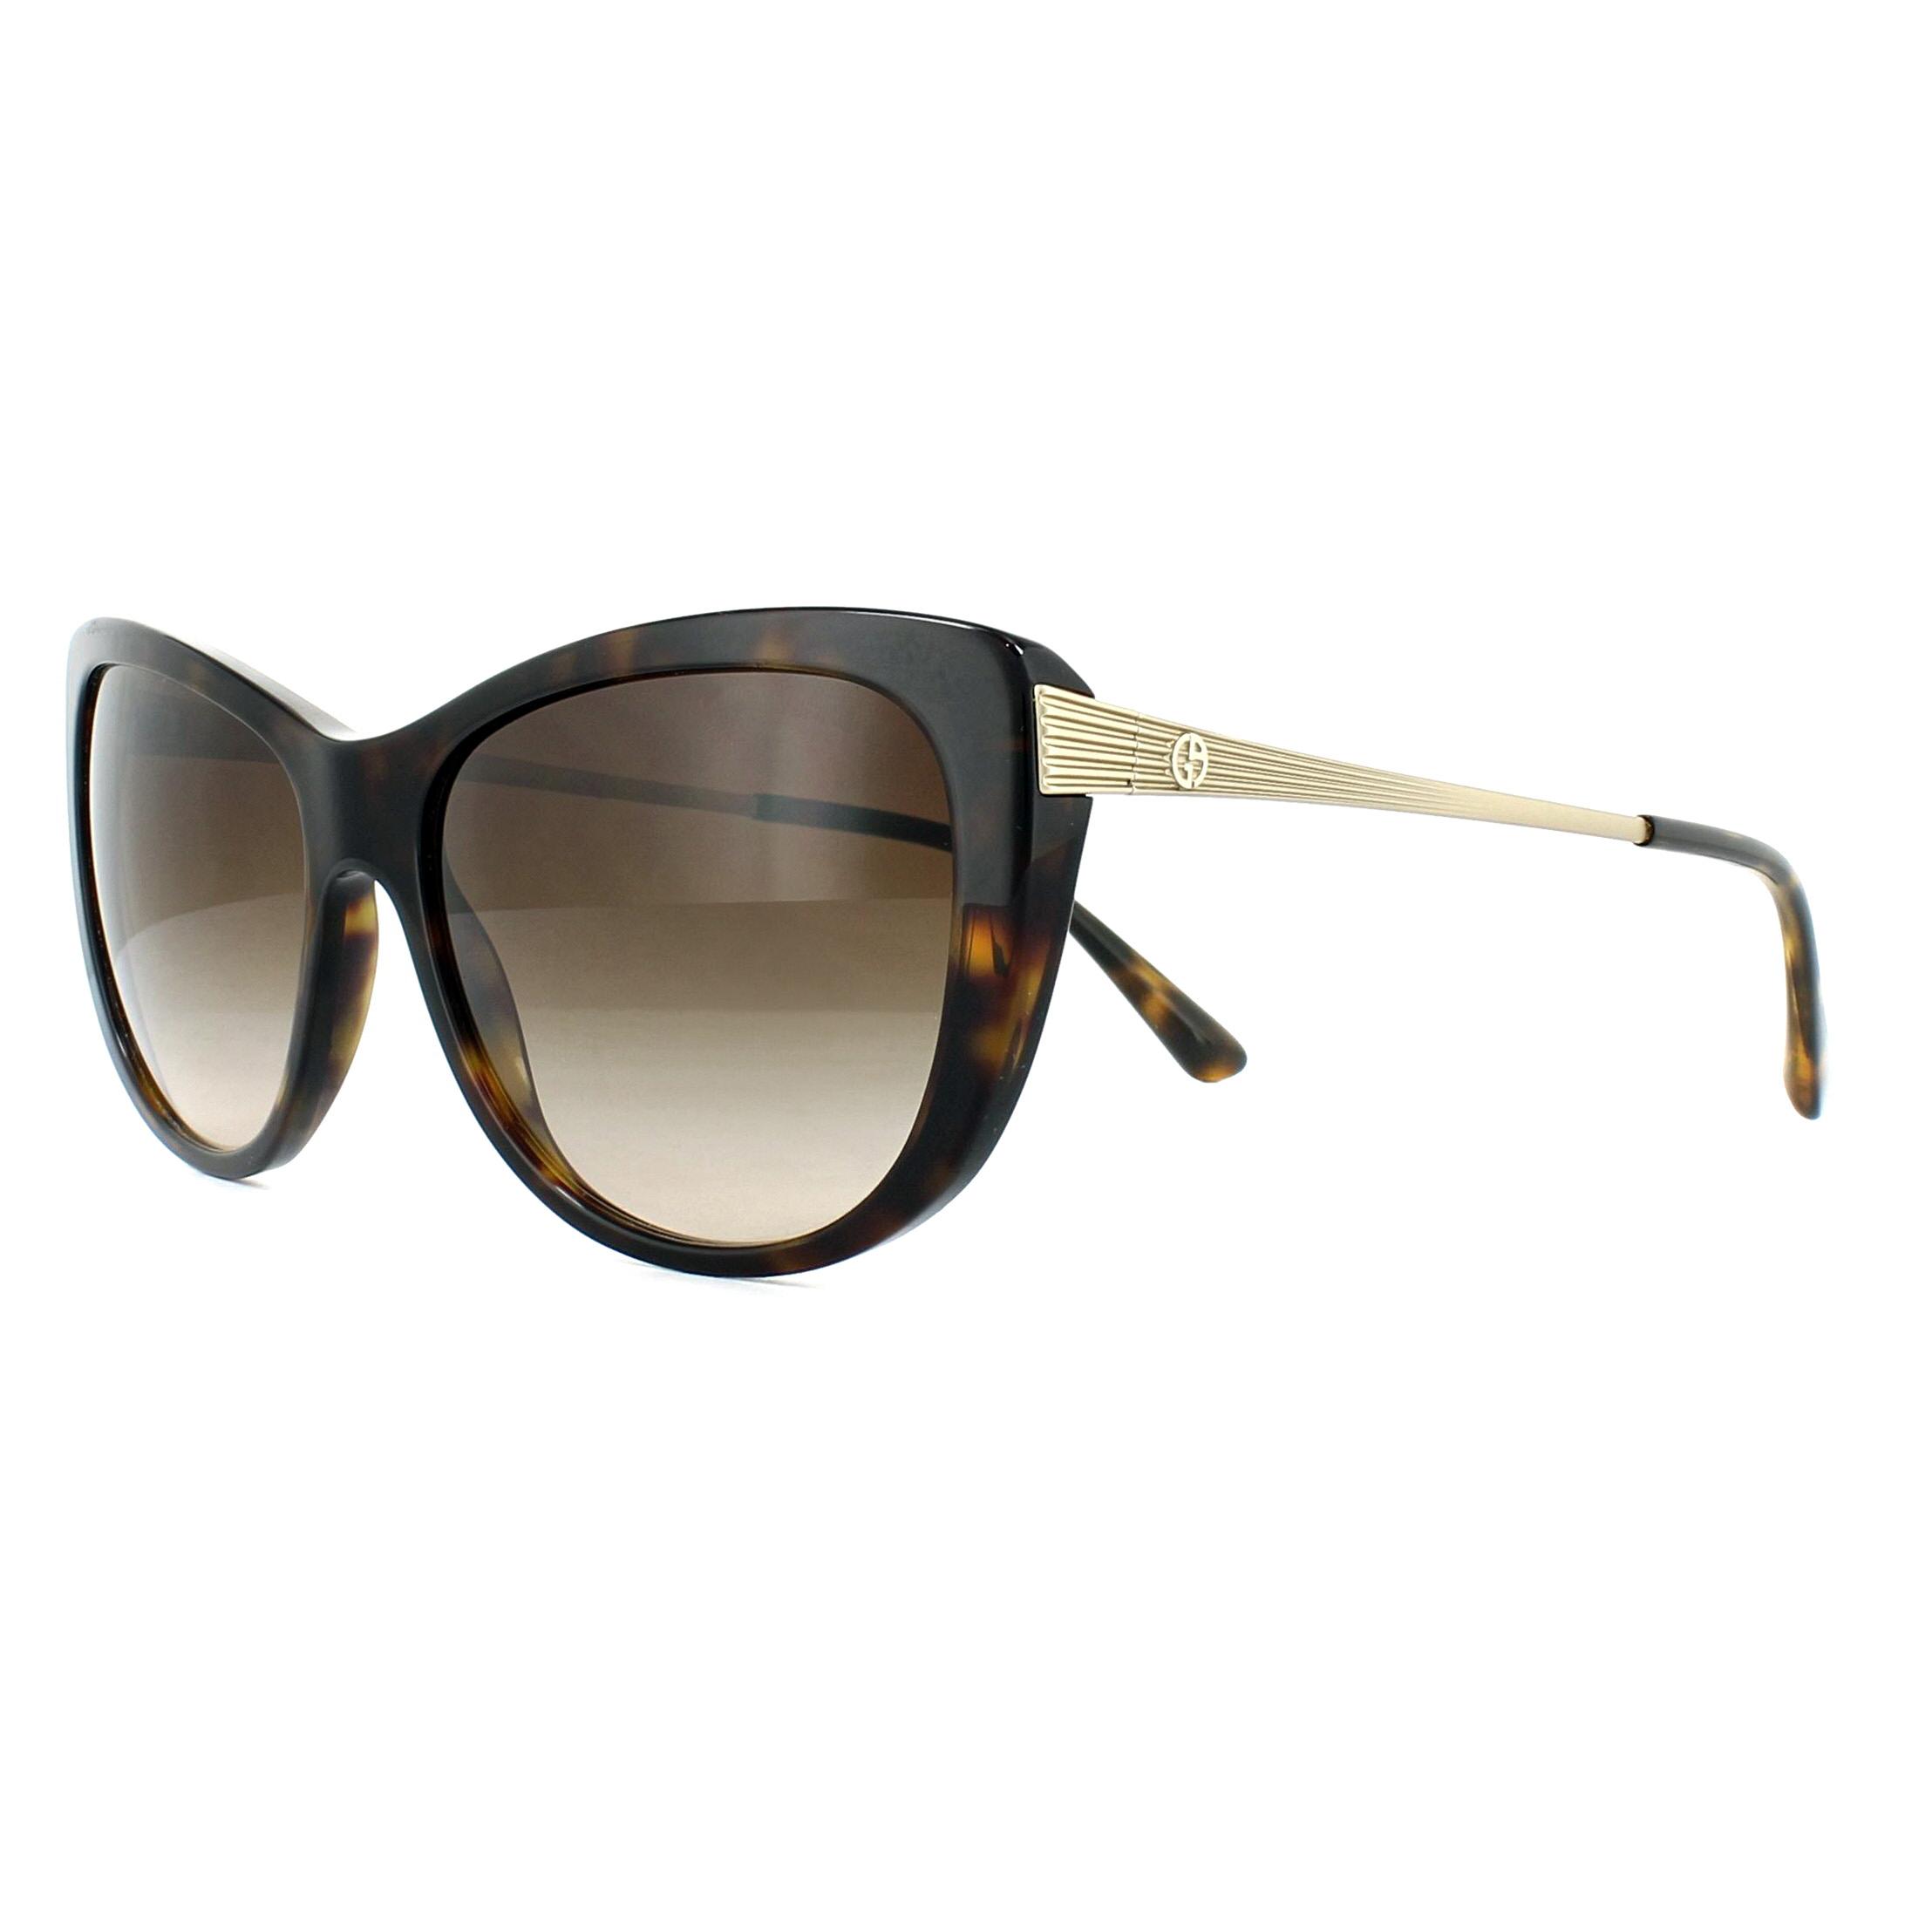 9a2cf2b03e9e Sentinel Giorgio Armani Sunglasses AR8078 502613 Dark Havana Brown Gradient